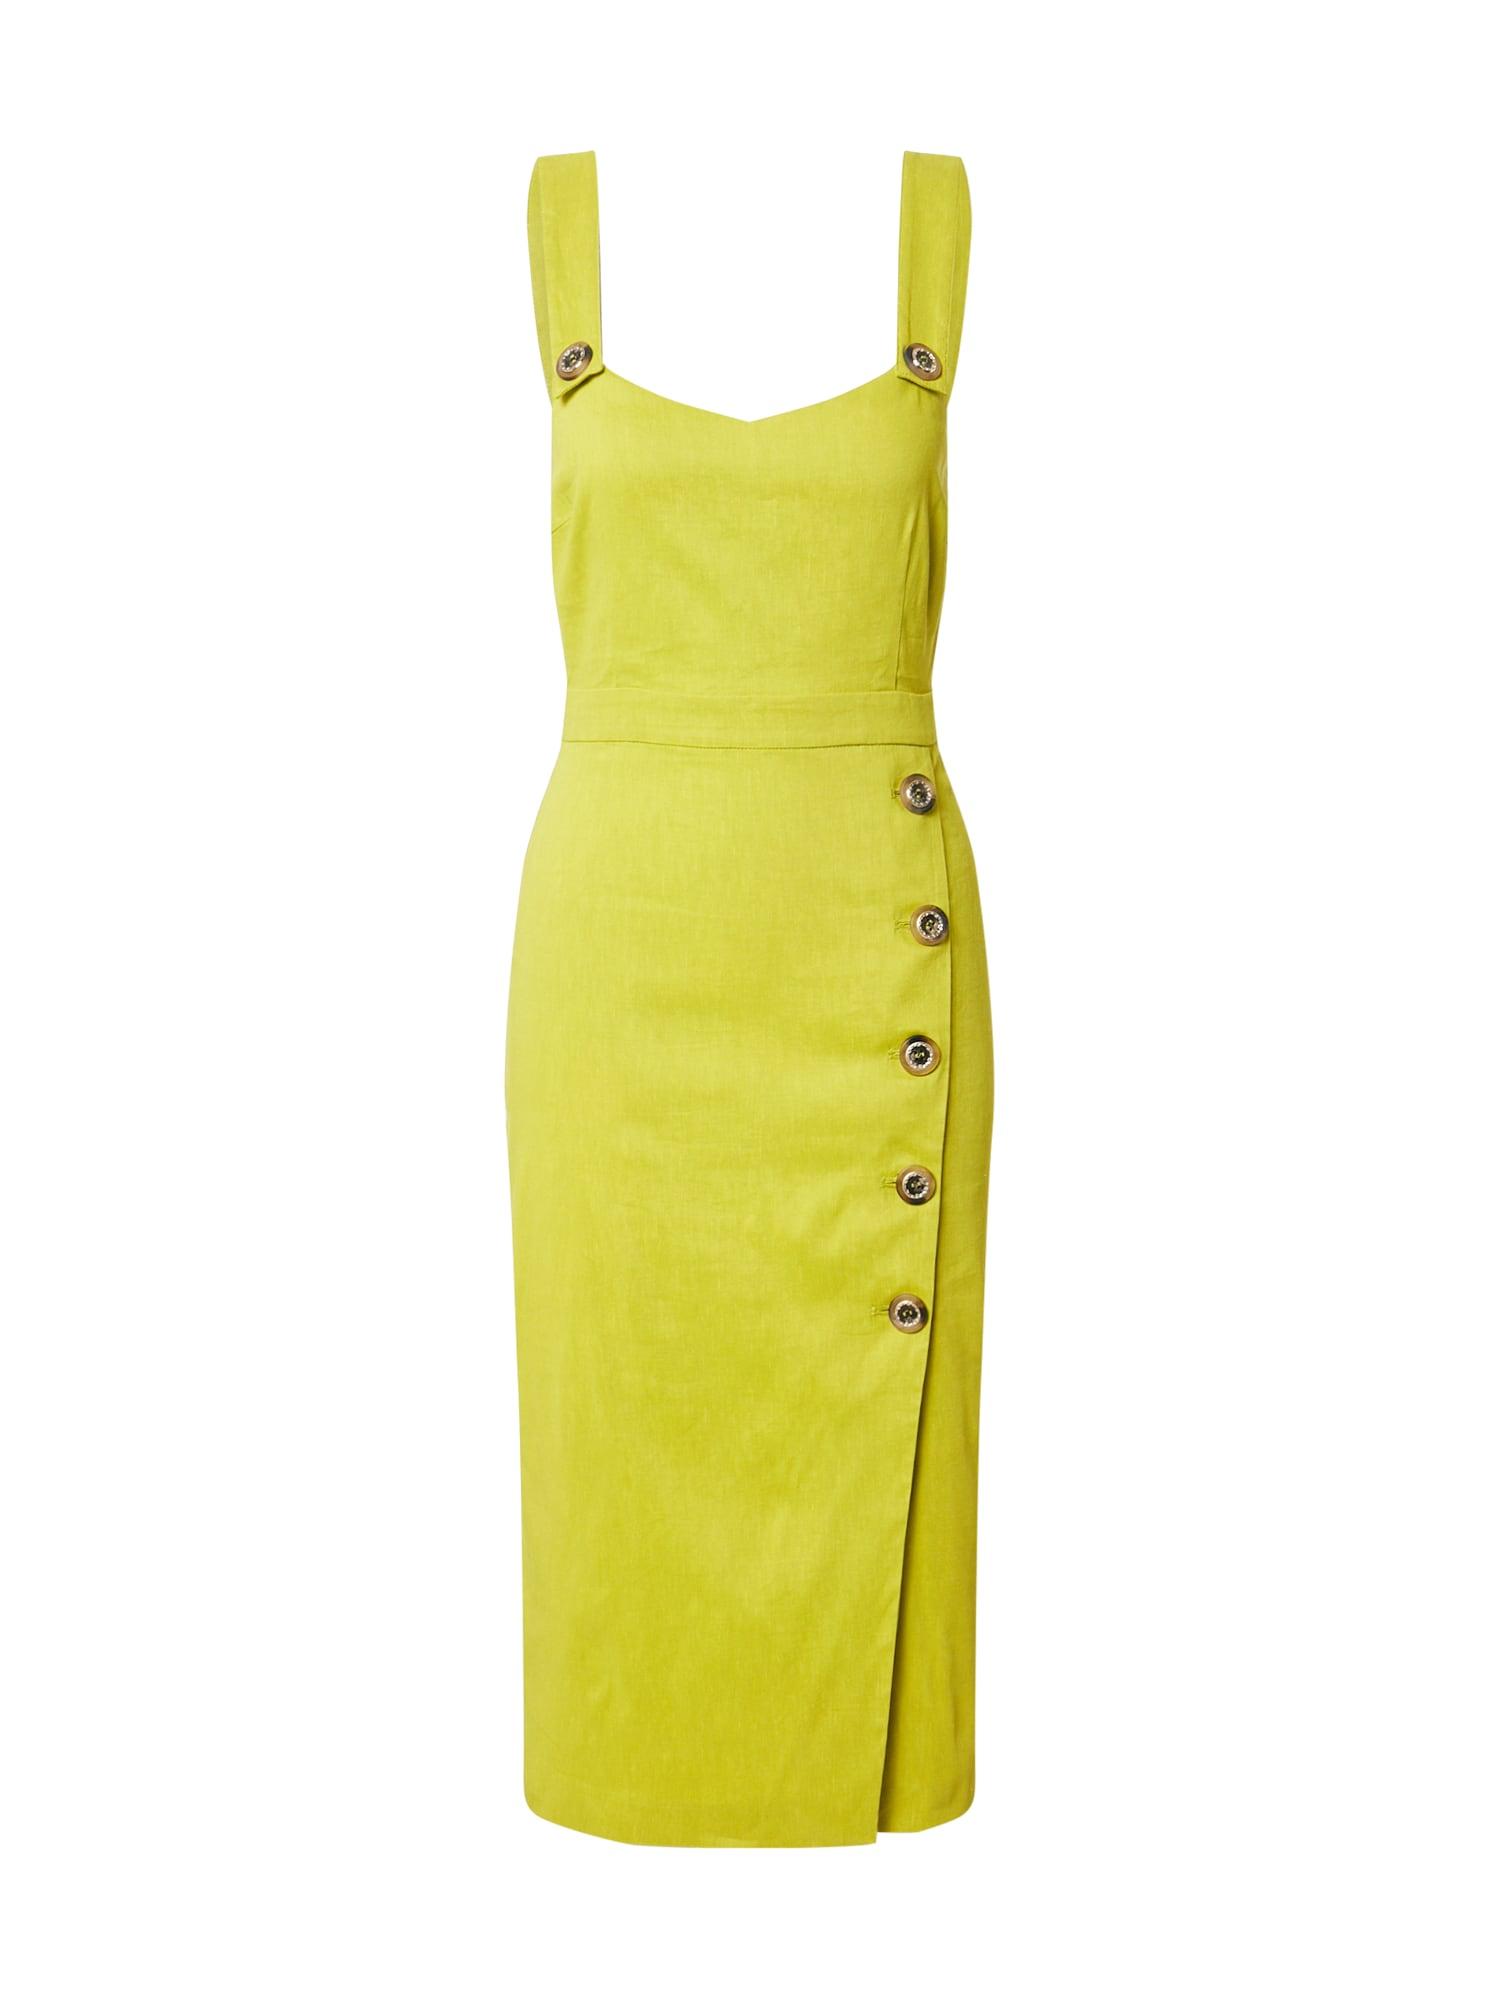 PINKO Suknelė žalia